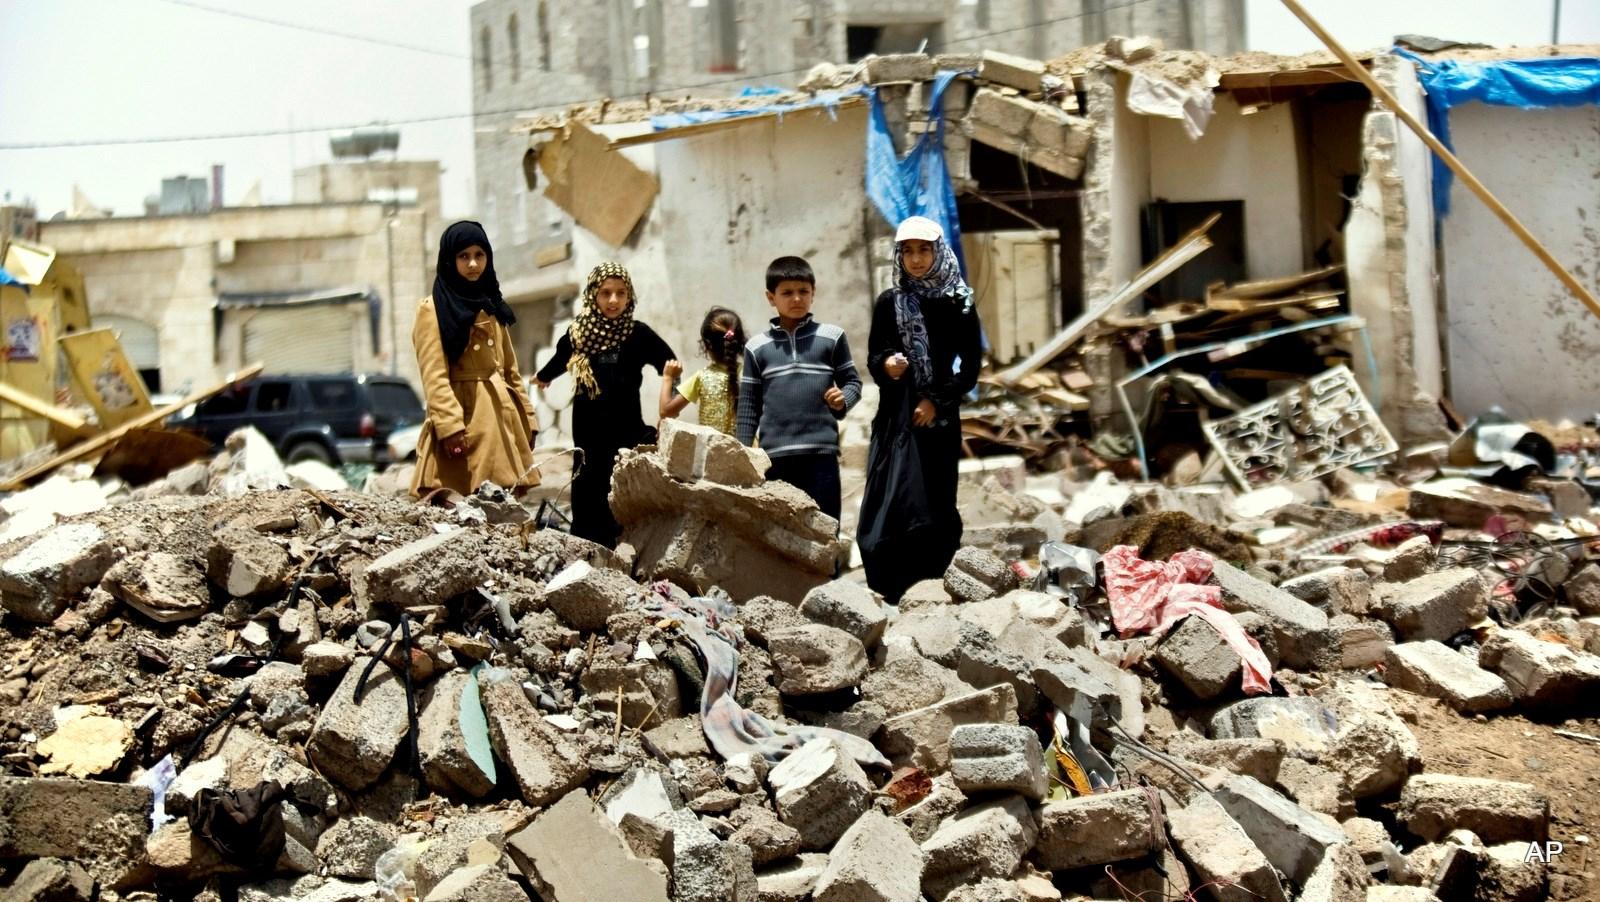 بلغ عدد الأطفال الذين قتلهم التحالف خلال 17 يونيو/حزيران - 15يوليو/تموزحوالي 12 شهيد و 20 جريح